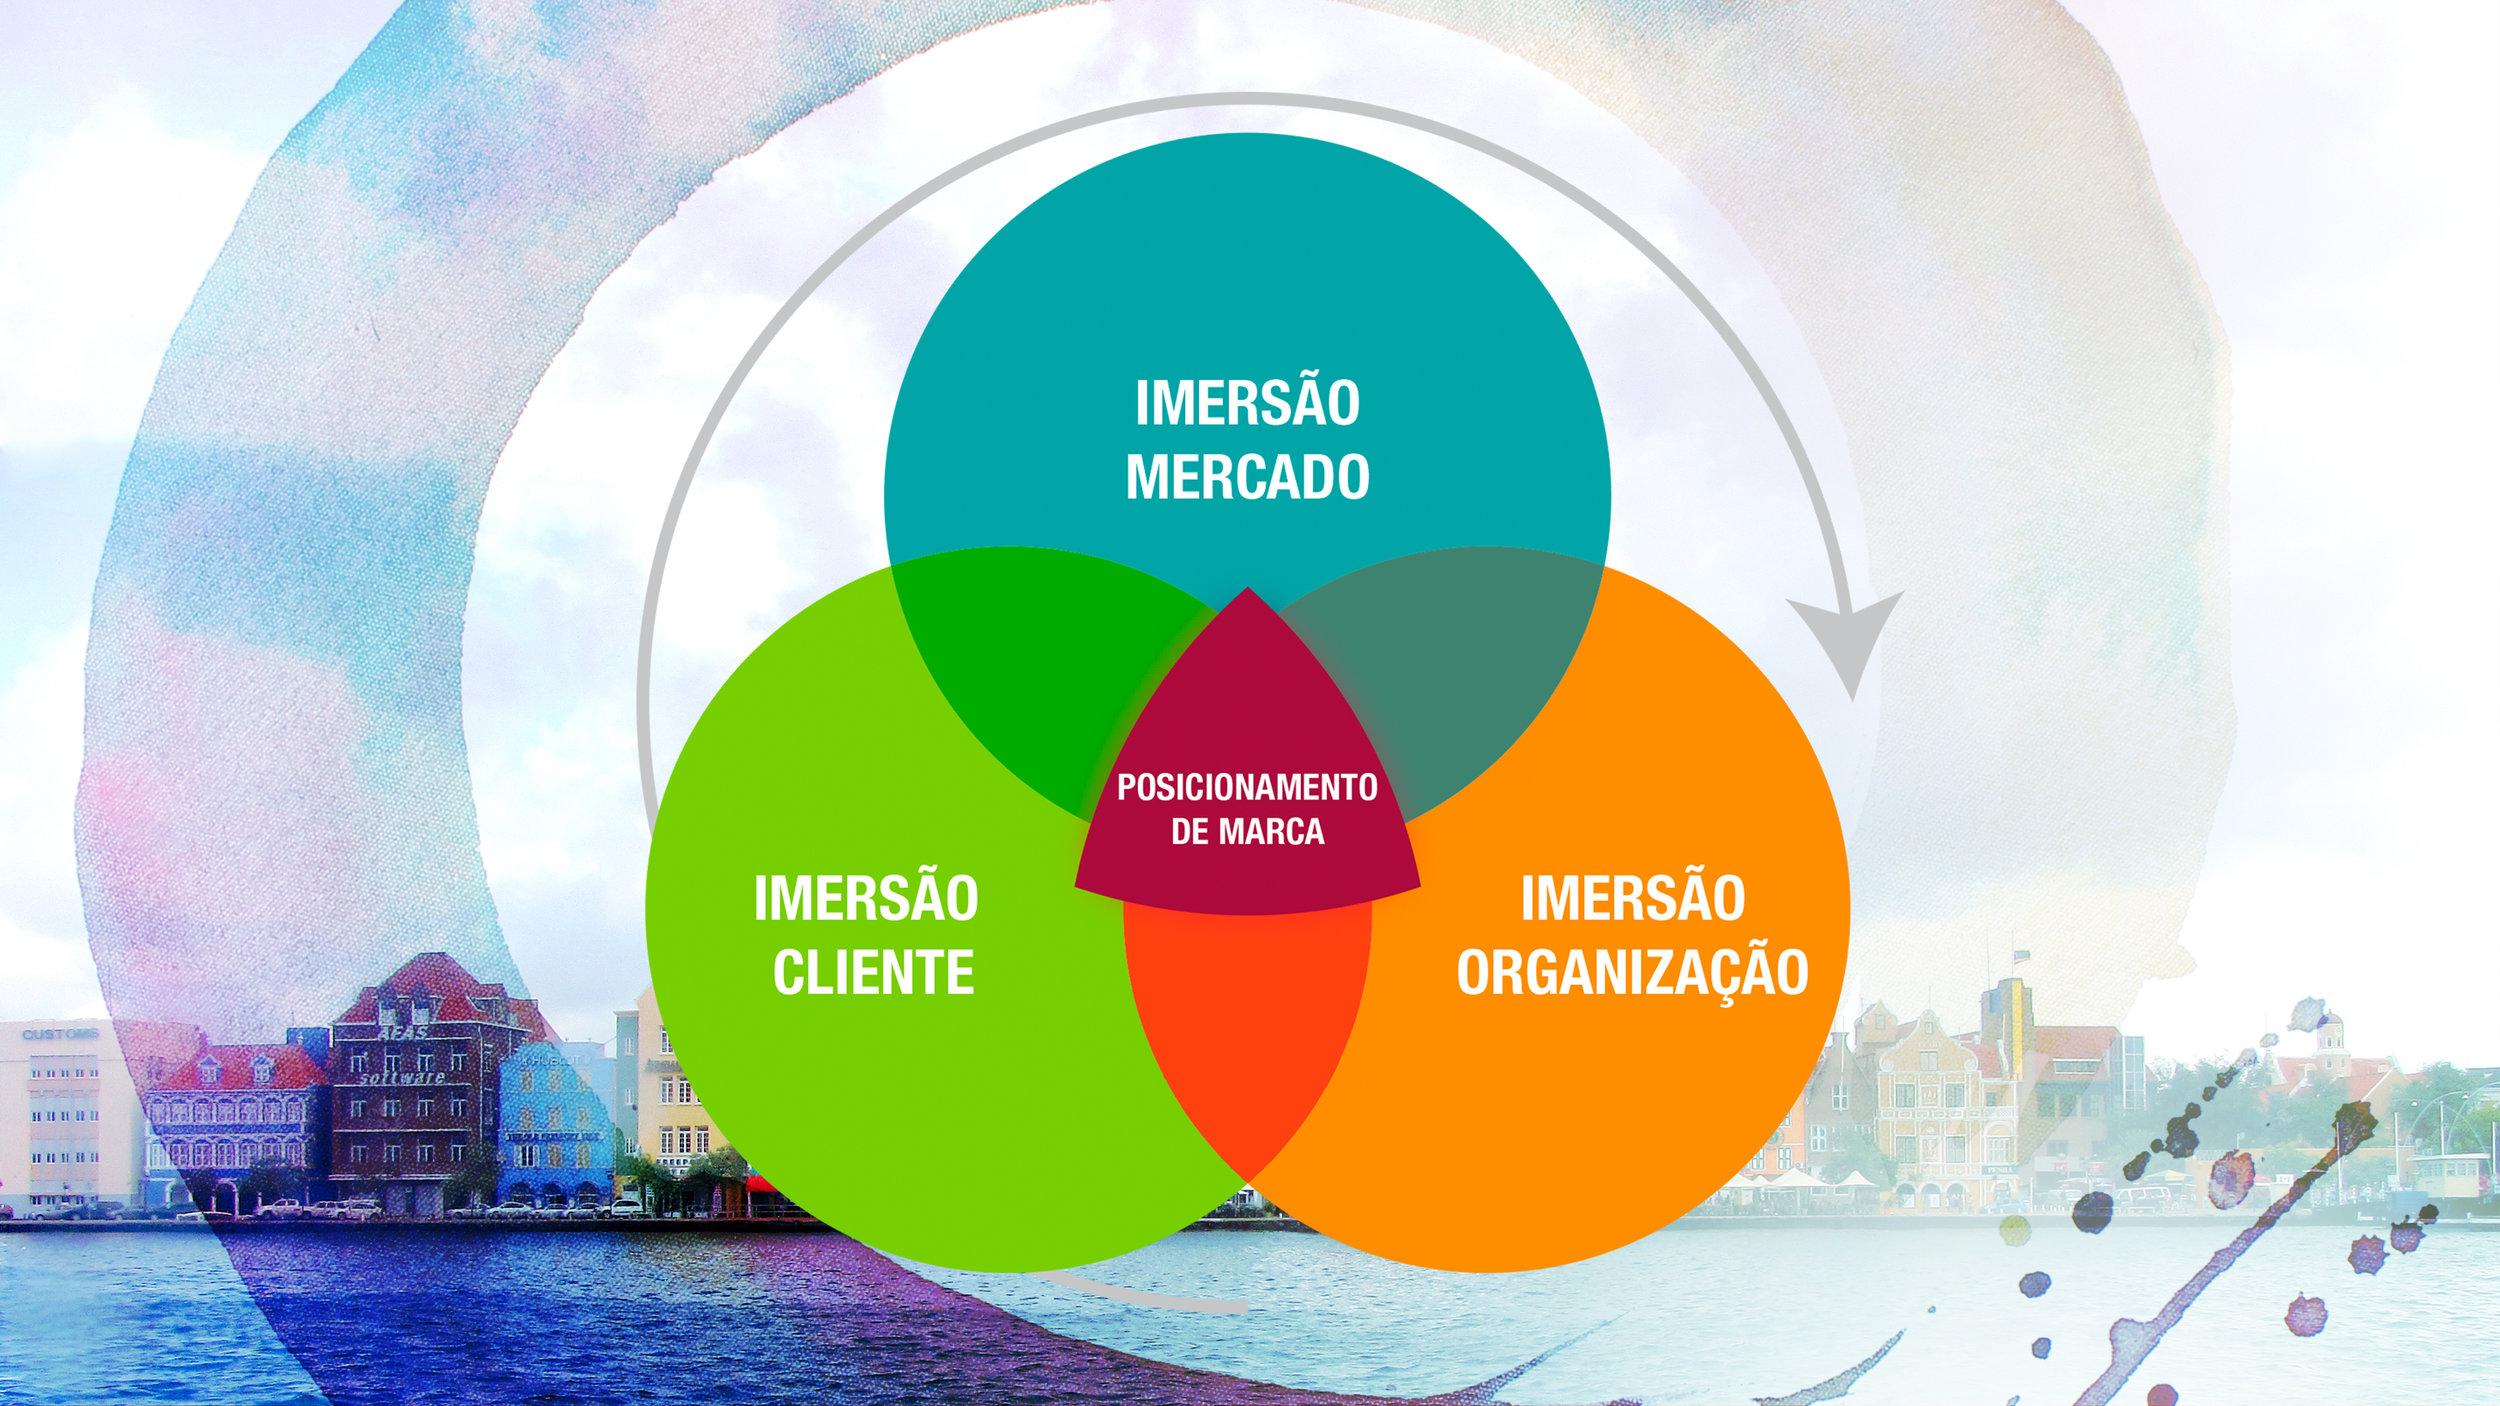 Universos que fazem parte da metodologia colaborativa de Branding da Valente.